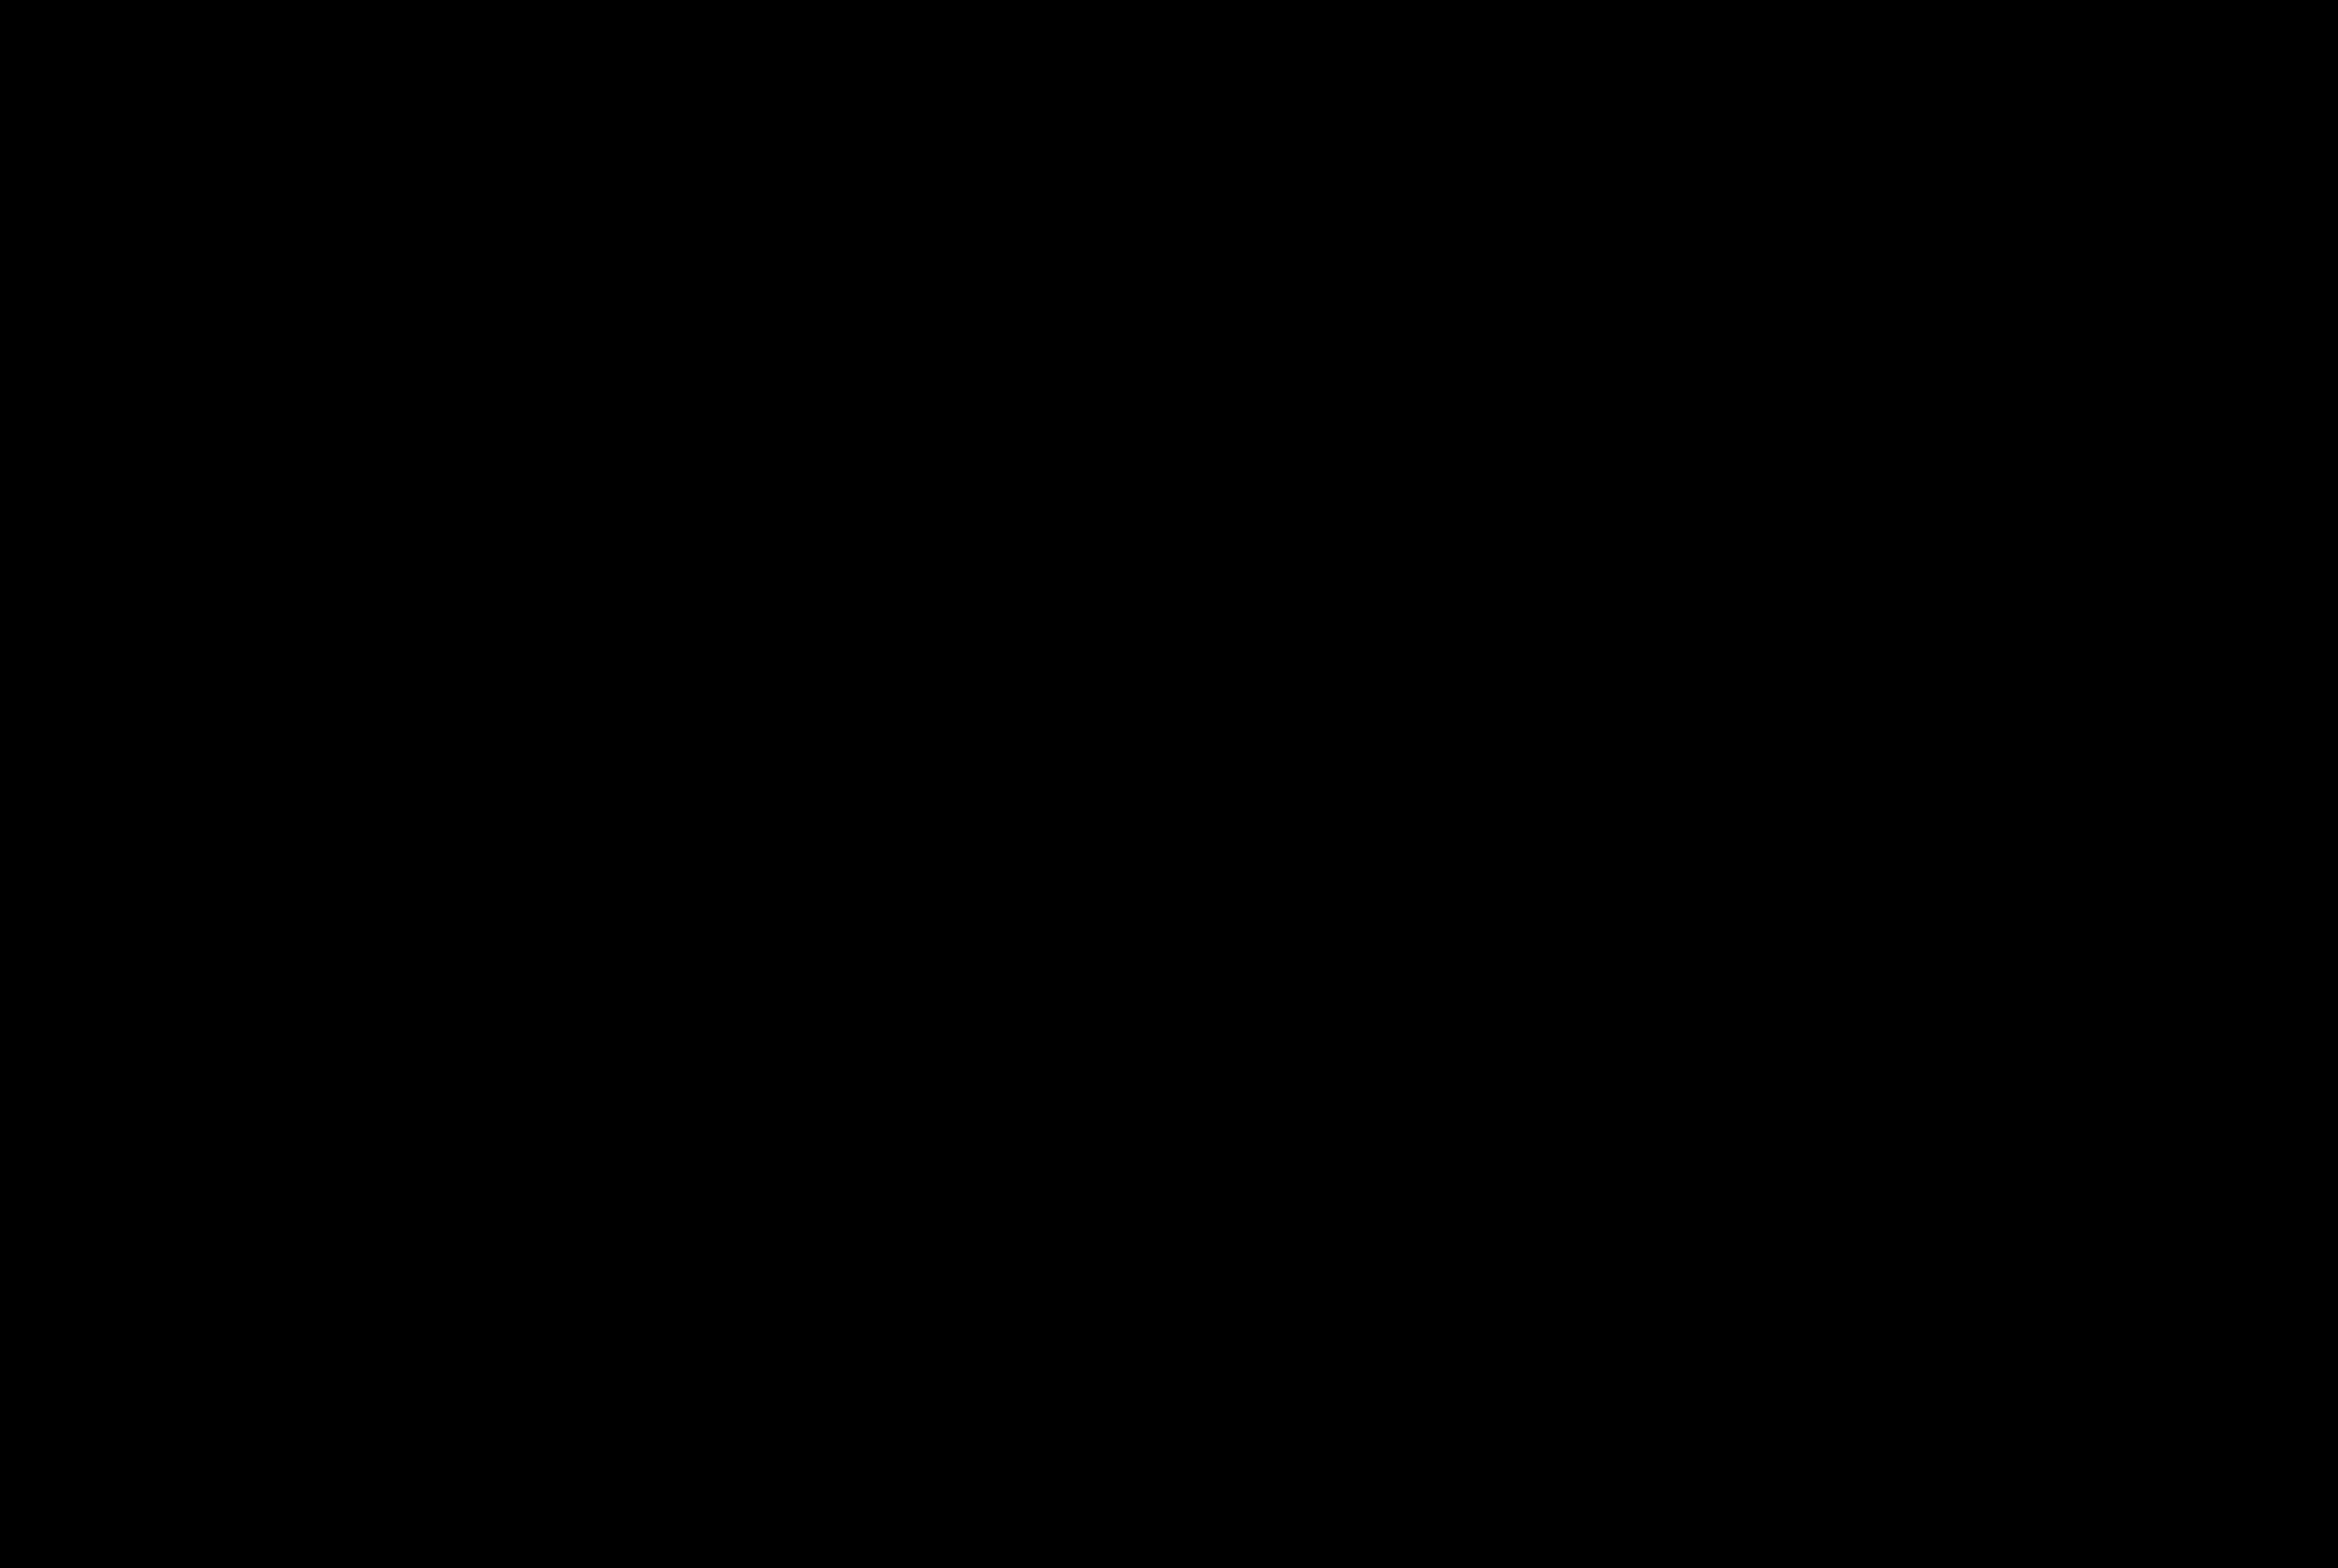 Fort Parker State Park - Master Plan - SP.44_146